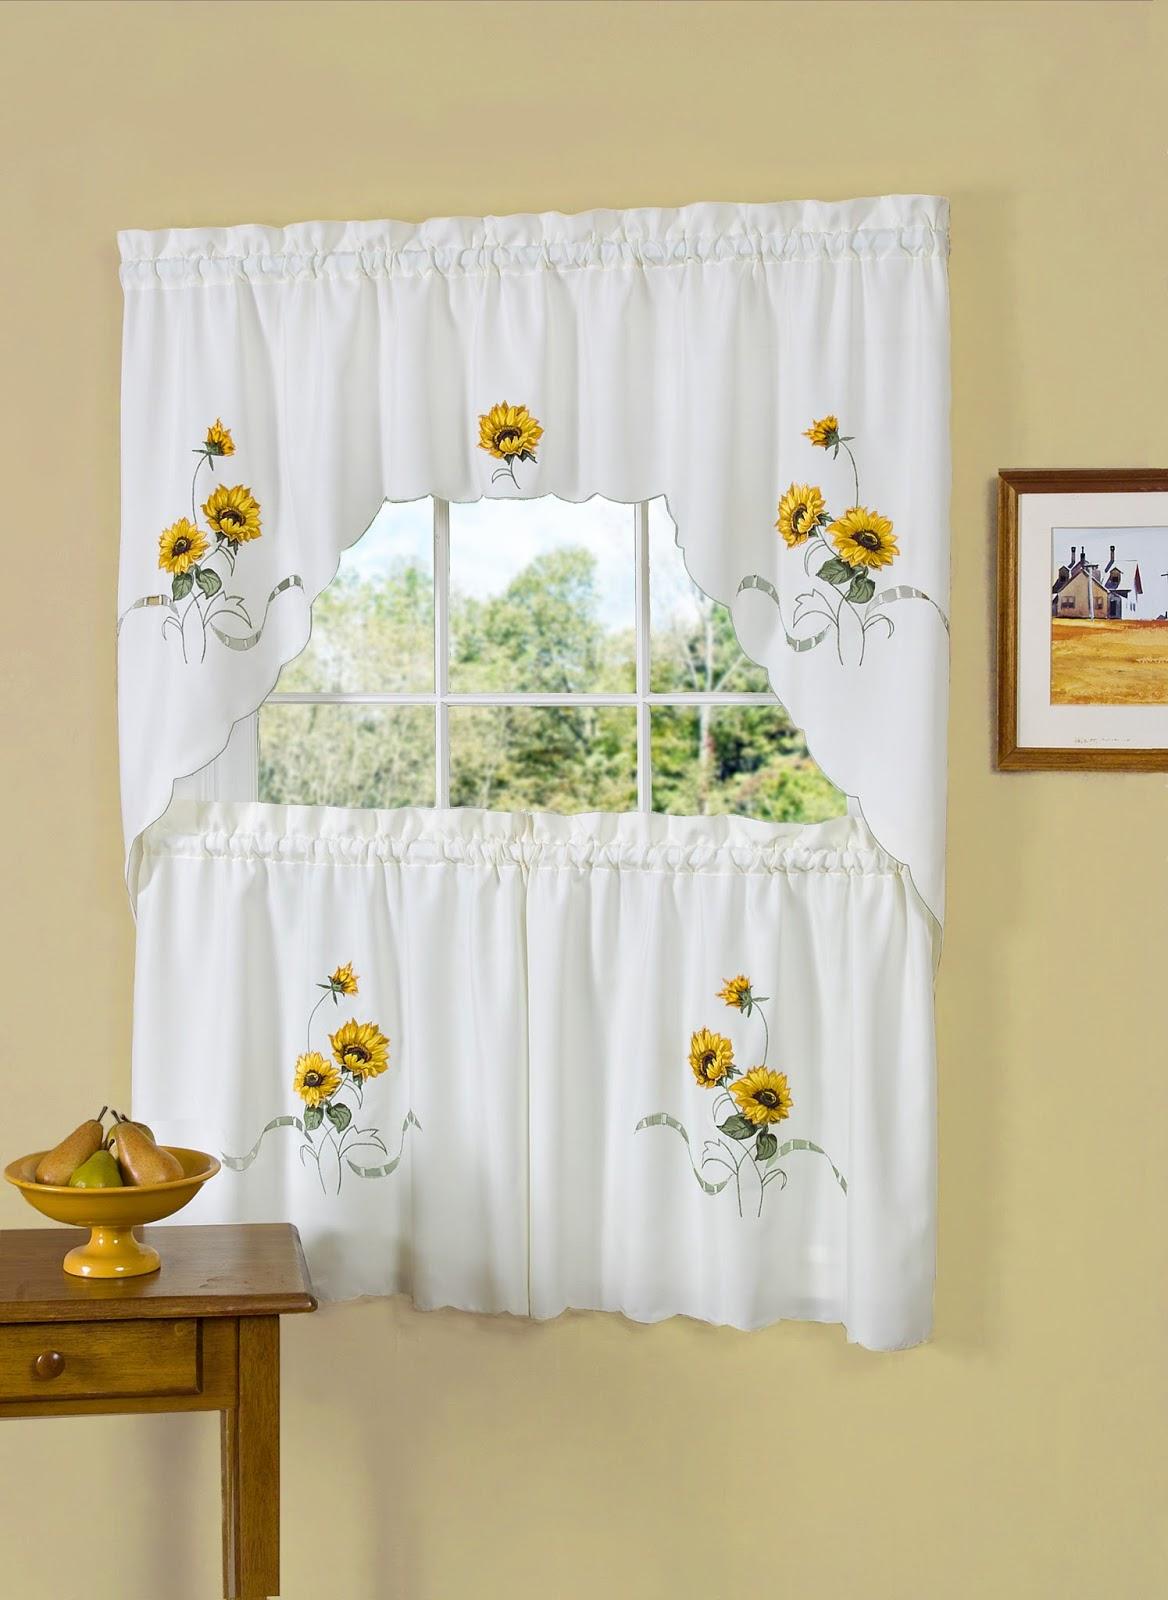 Sunflower Curtains For Kitchen Ideas - Kitchen Remodel, Cabinet ...